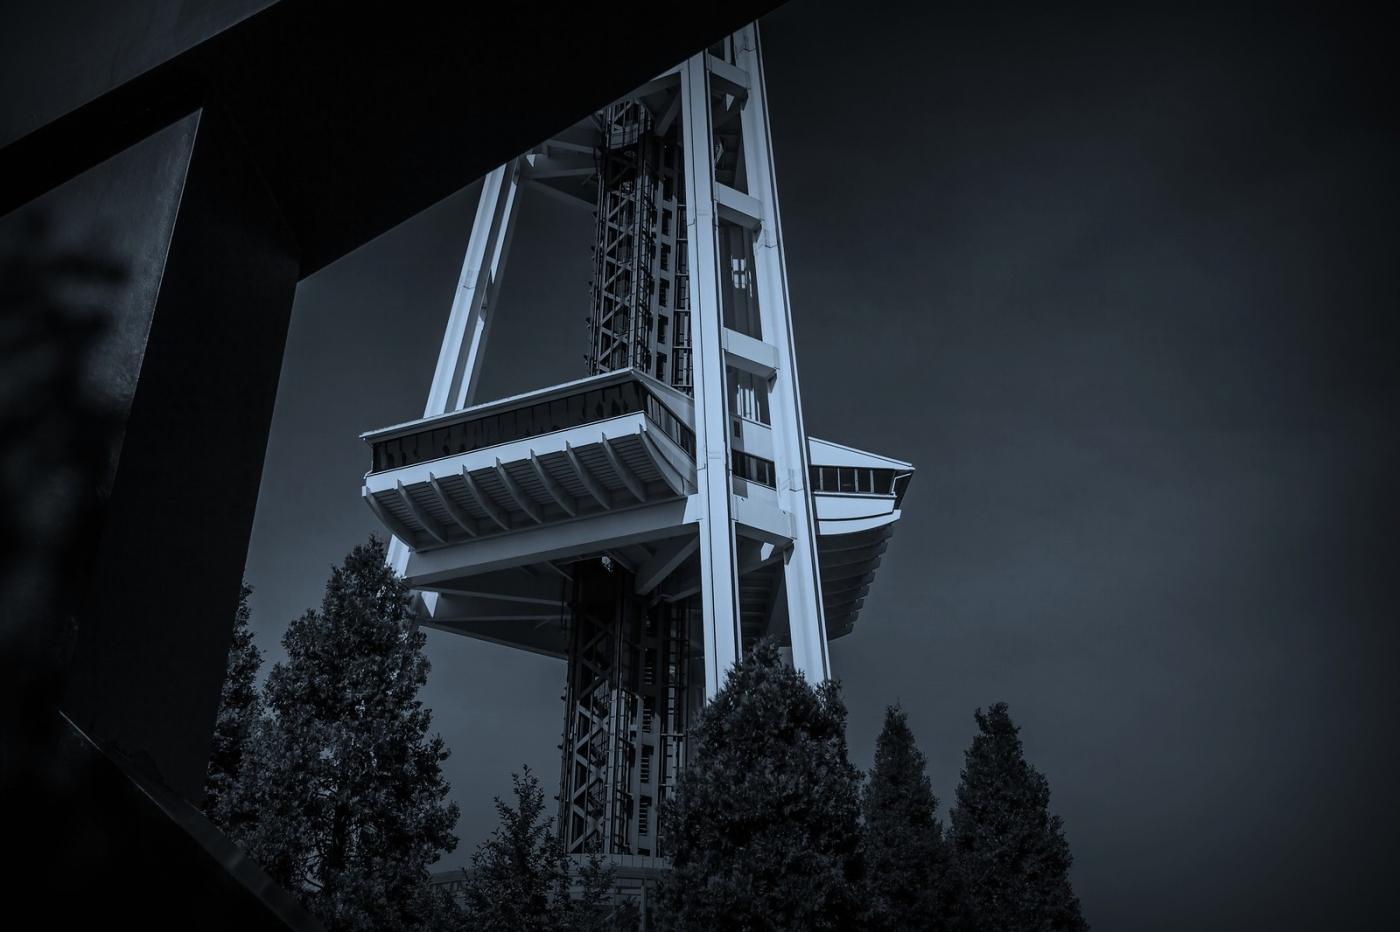 美国西雅图,太空针塔的英姿_图1-10